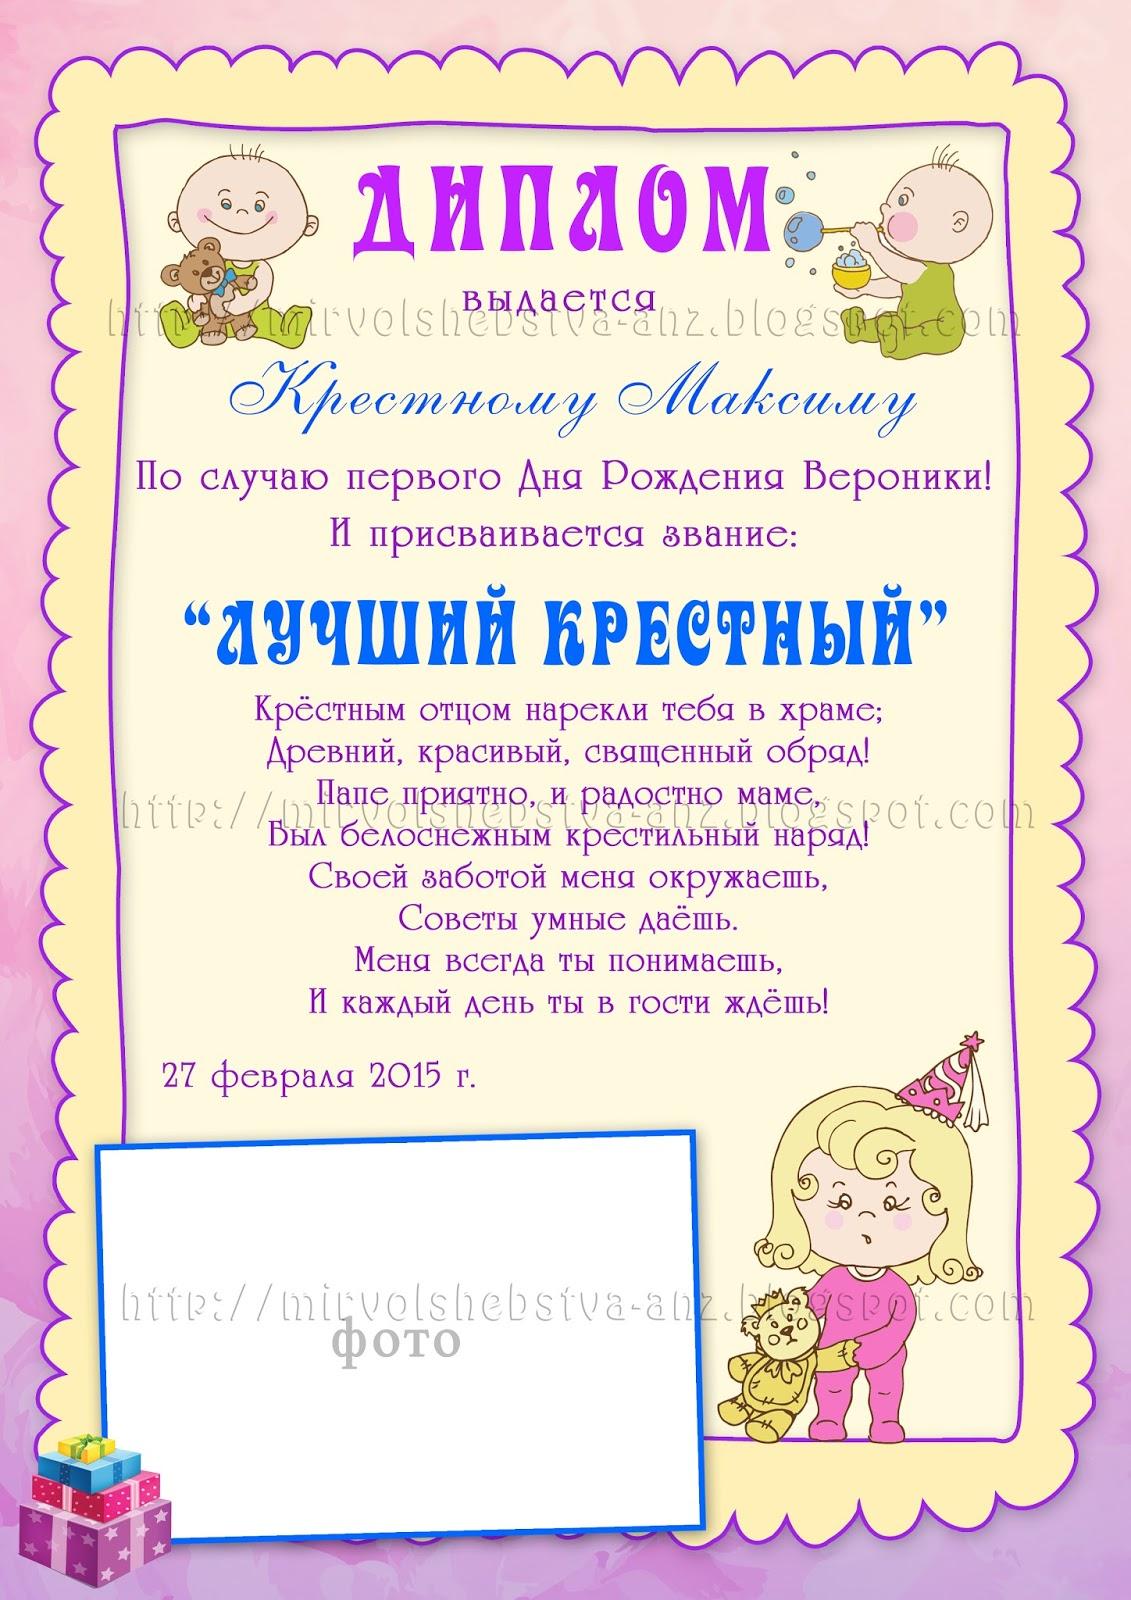 Мир волшебства Анжелики Набор Малыши Набор для маленьких именинников включает дипломы родным плакат достижений анкету конверт для локона телеграмму По желанию заказчика можно добавлять